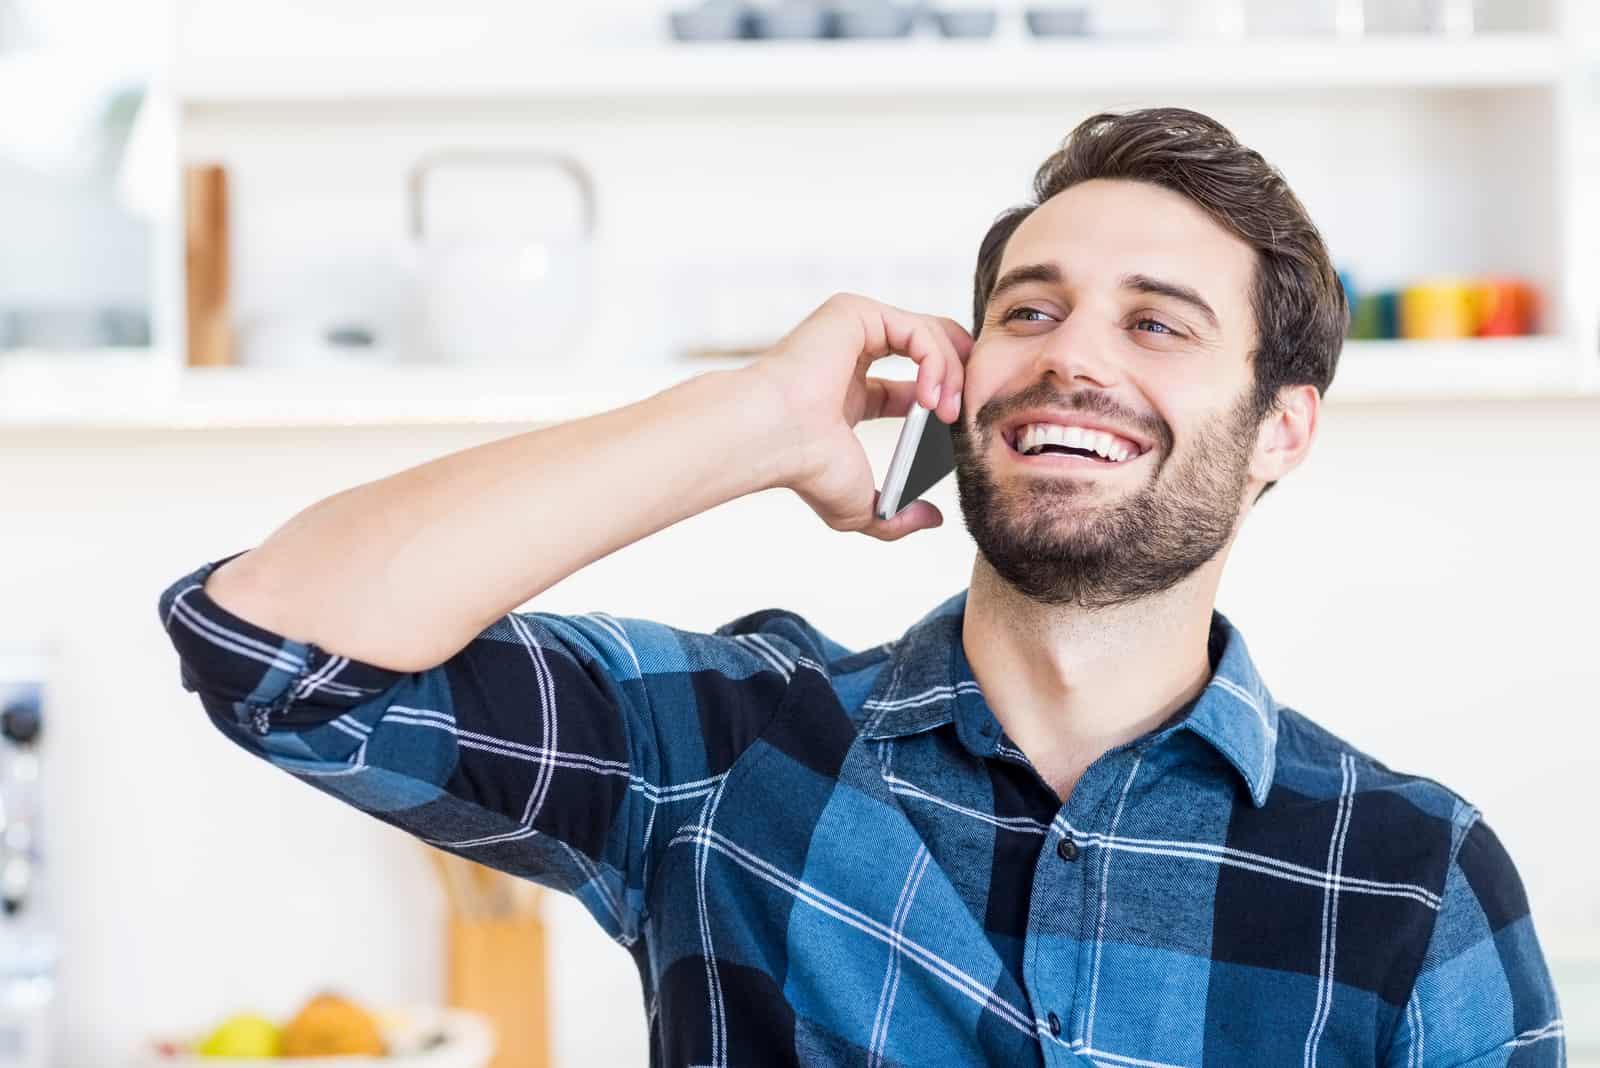 l'homme rit et parle au téléphone